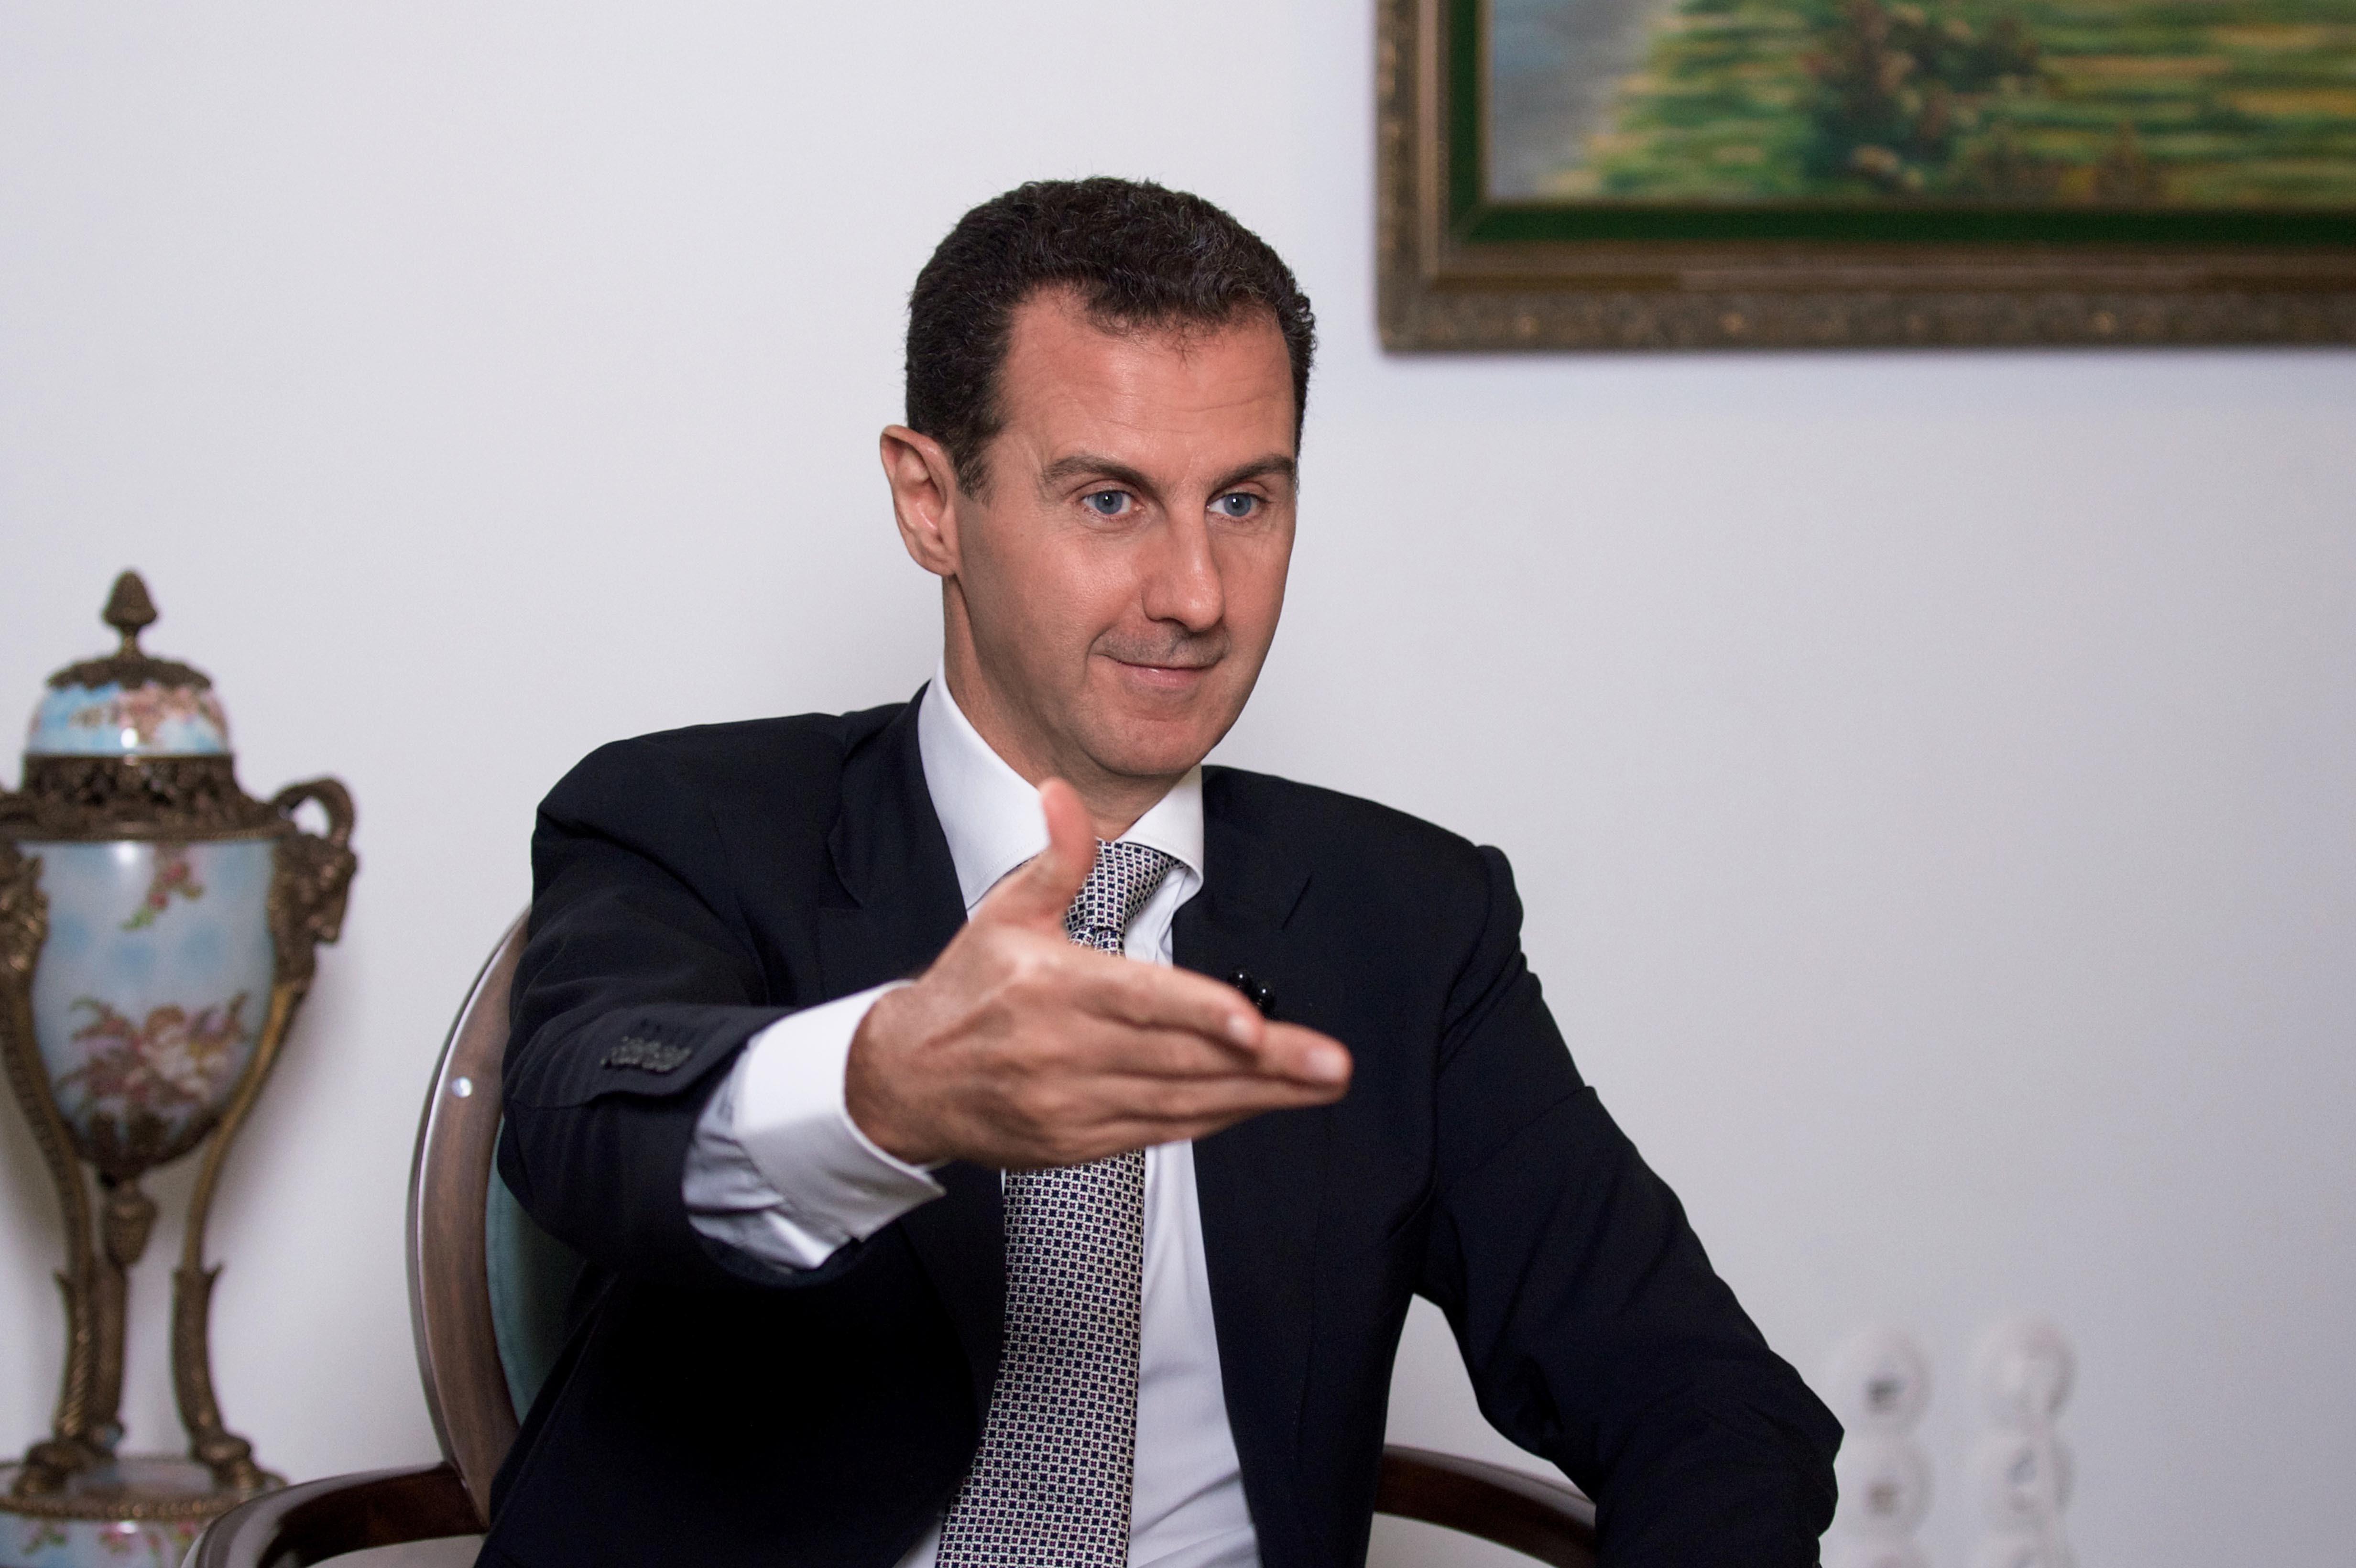 Άσαντ: o Eρντογάν παίζει το τελευταίο του χαρτί στο Χαλέπι.Χρησιμοποιεί το πραξικόπημα για να εφαρμόσει το πρόγραμμα των Αδερφών Μουσουλμάνων - Εικόνα1